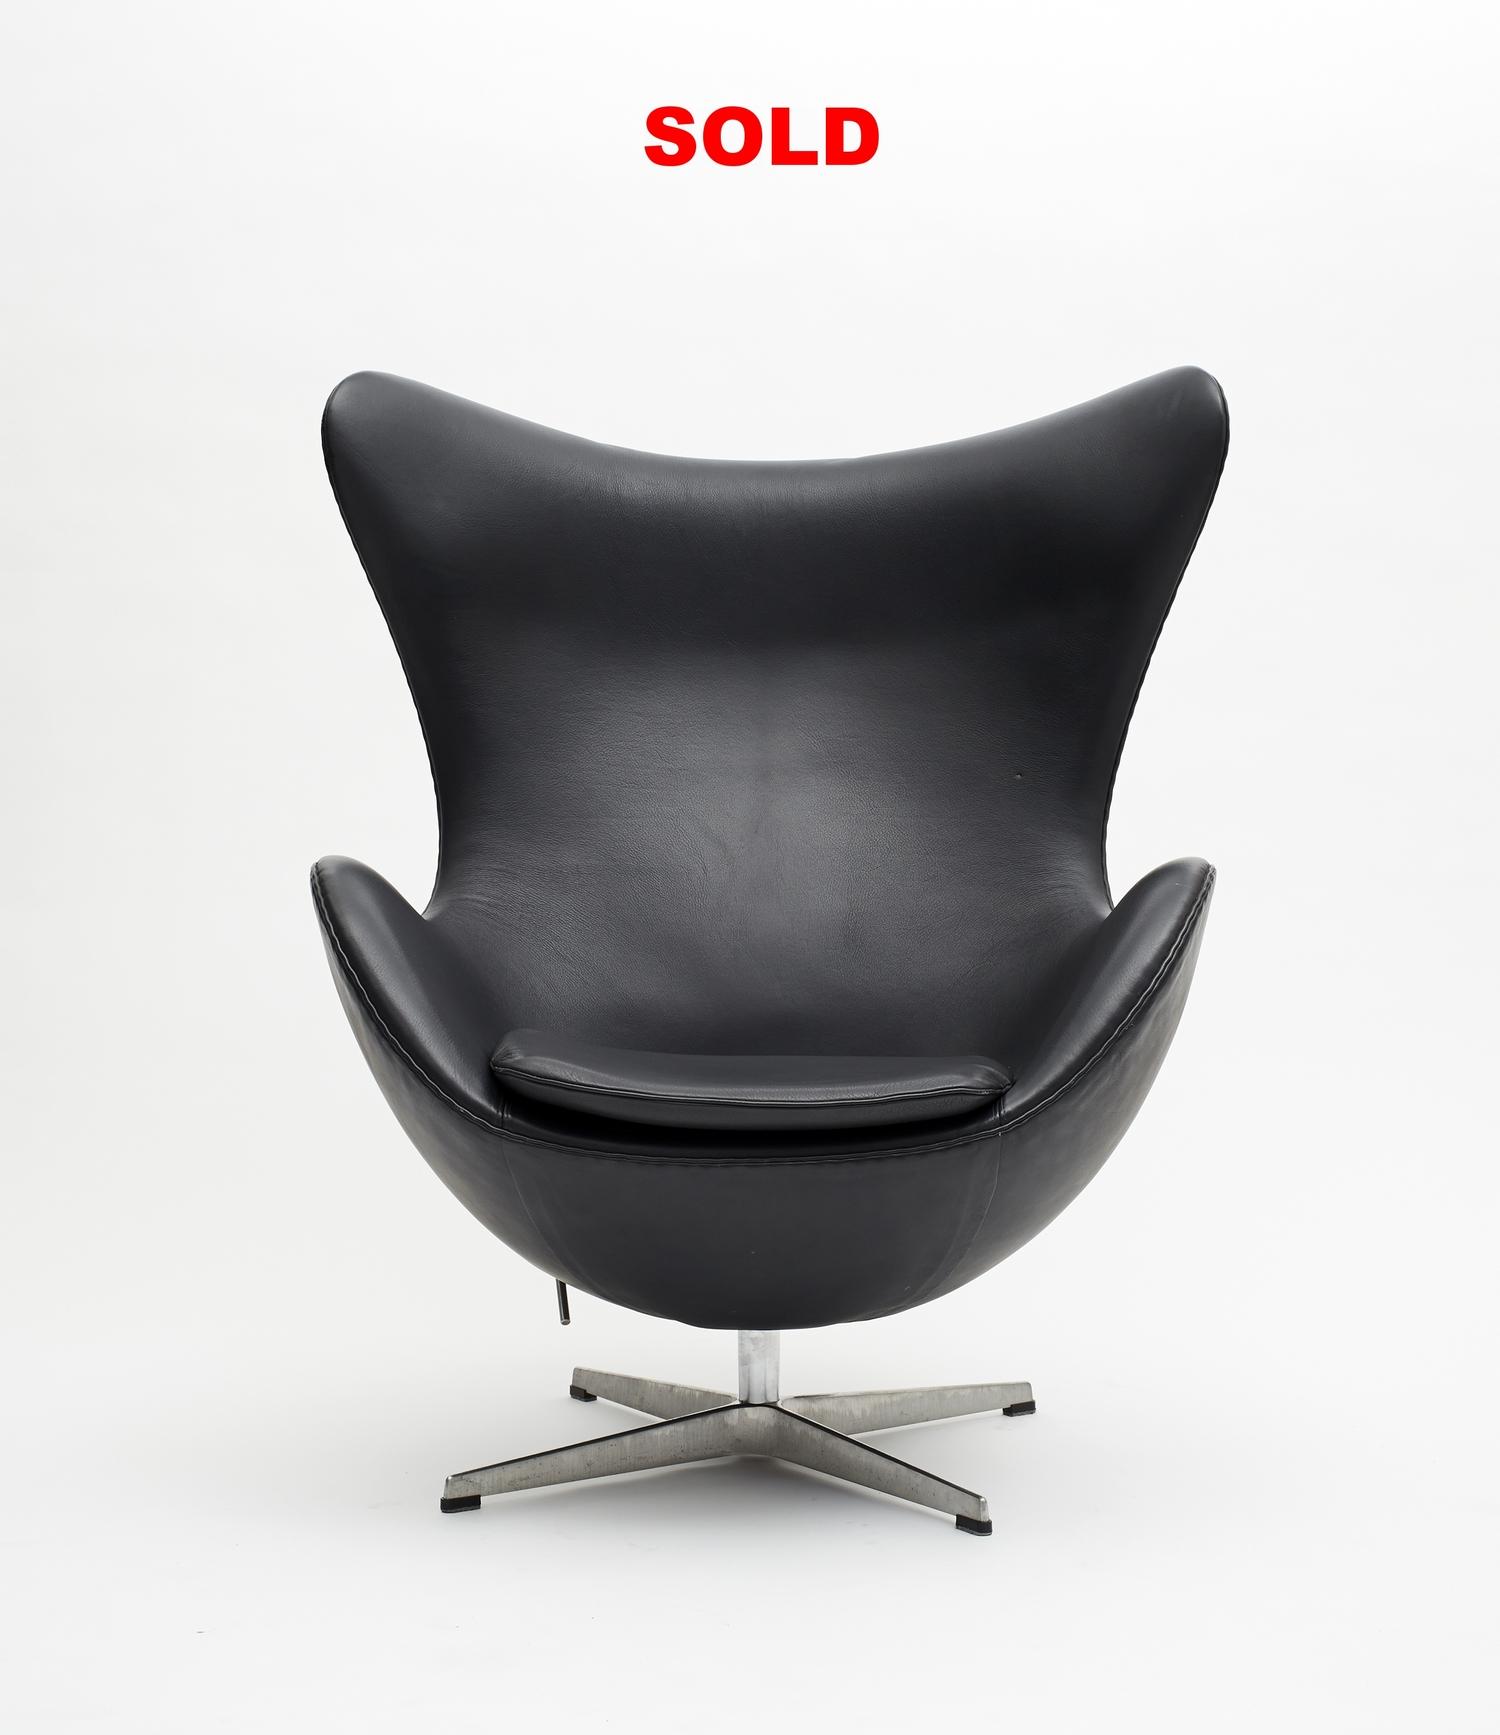 Arne Jacobsen Egg Chair.Arne Jacobsen Egg Chair Fritz Hansen Karlsson Wickman